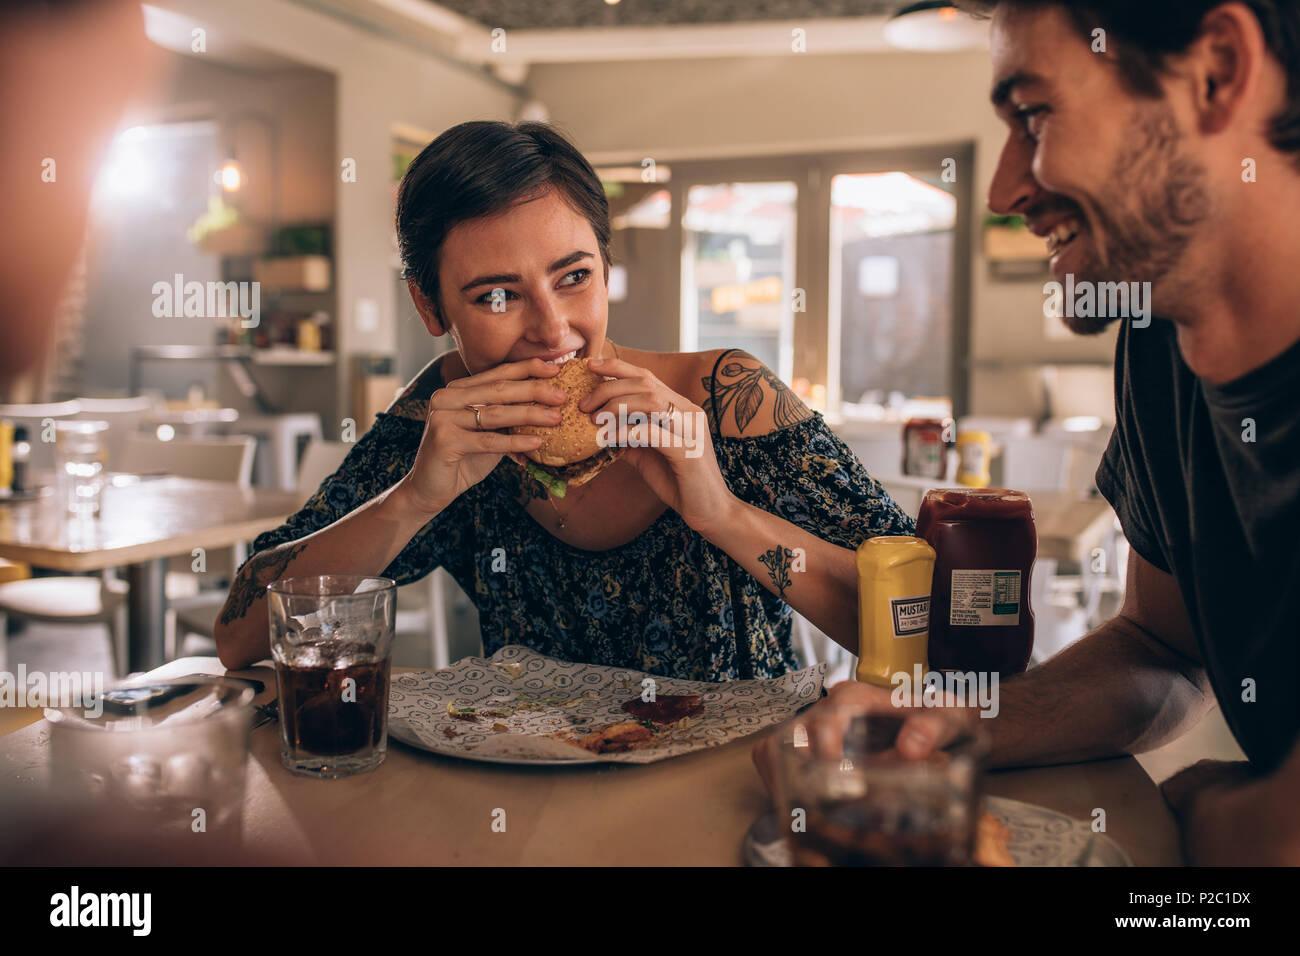 Joven comiendo hamburguesas mientras estaba sentado con amigos en el restaurante. Los jóvenes conversando y comiendo hamburguesas en la cafetería. Imagen De Stock